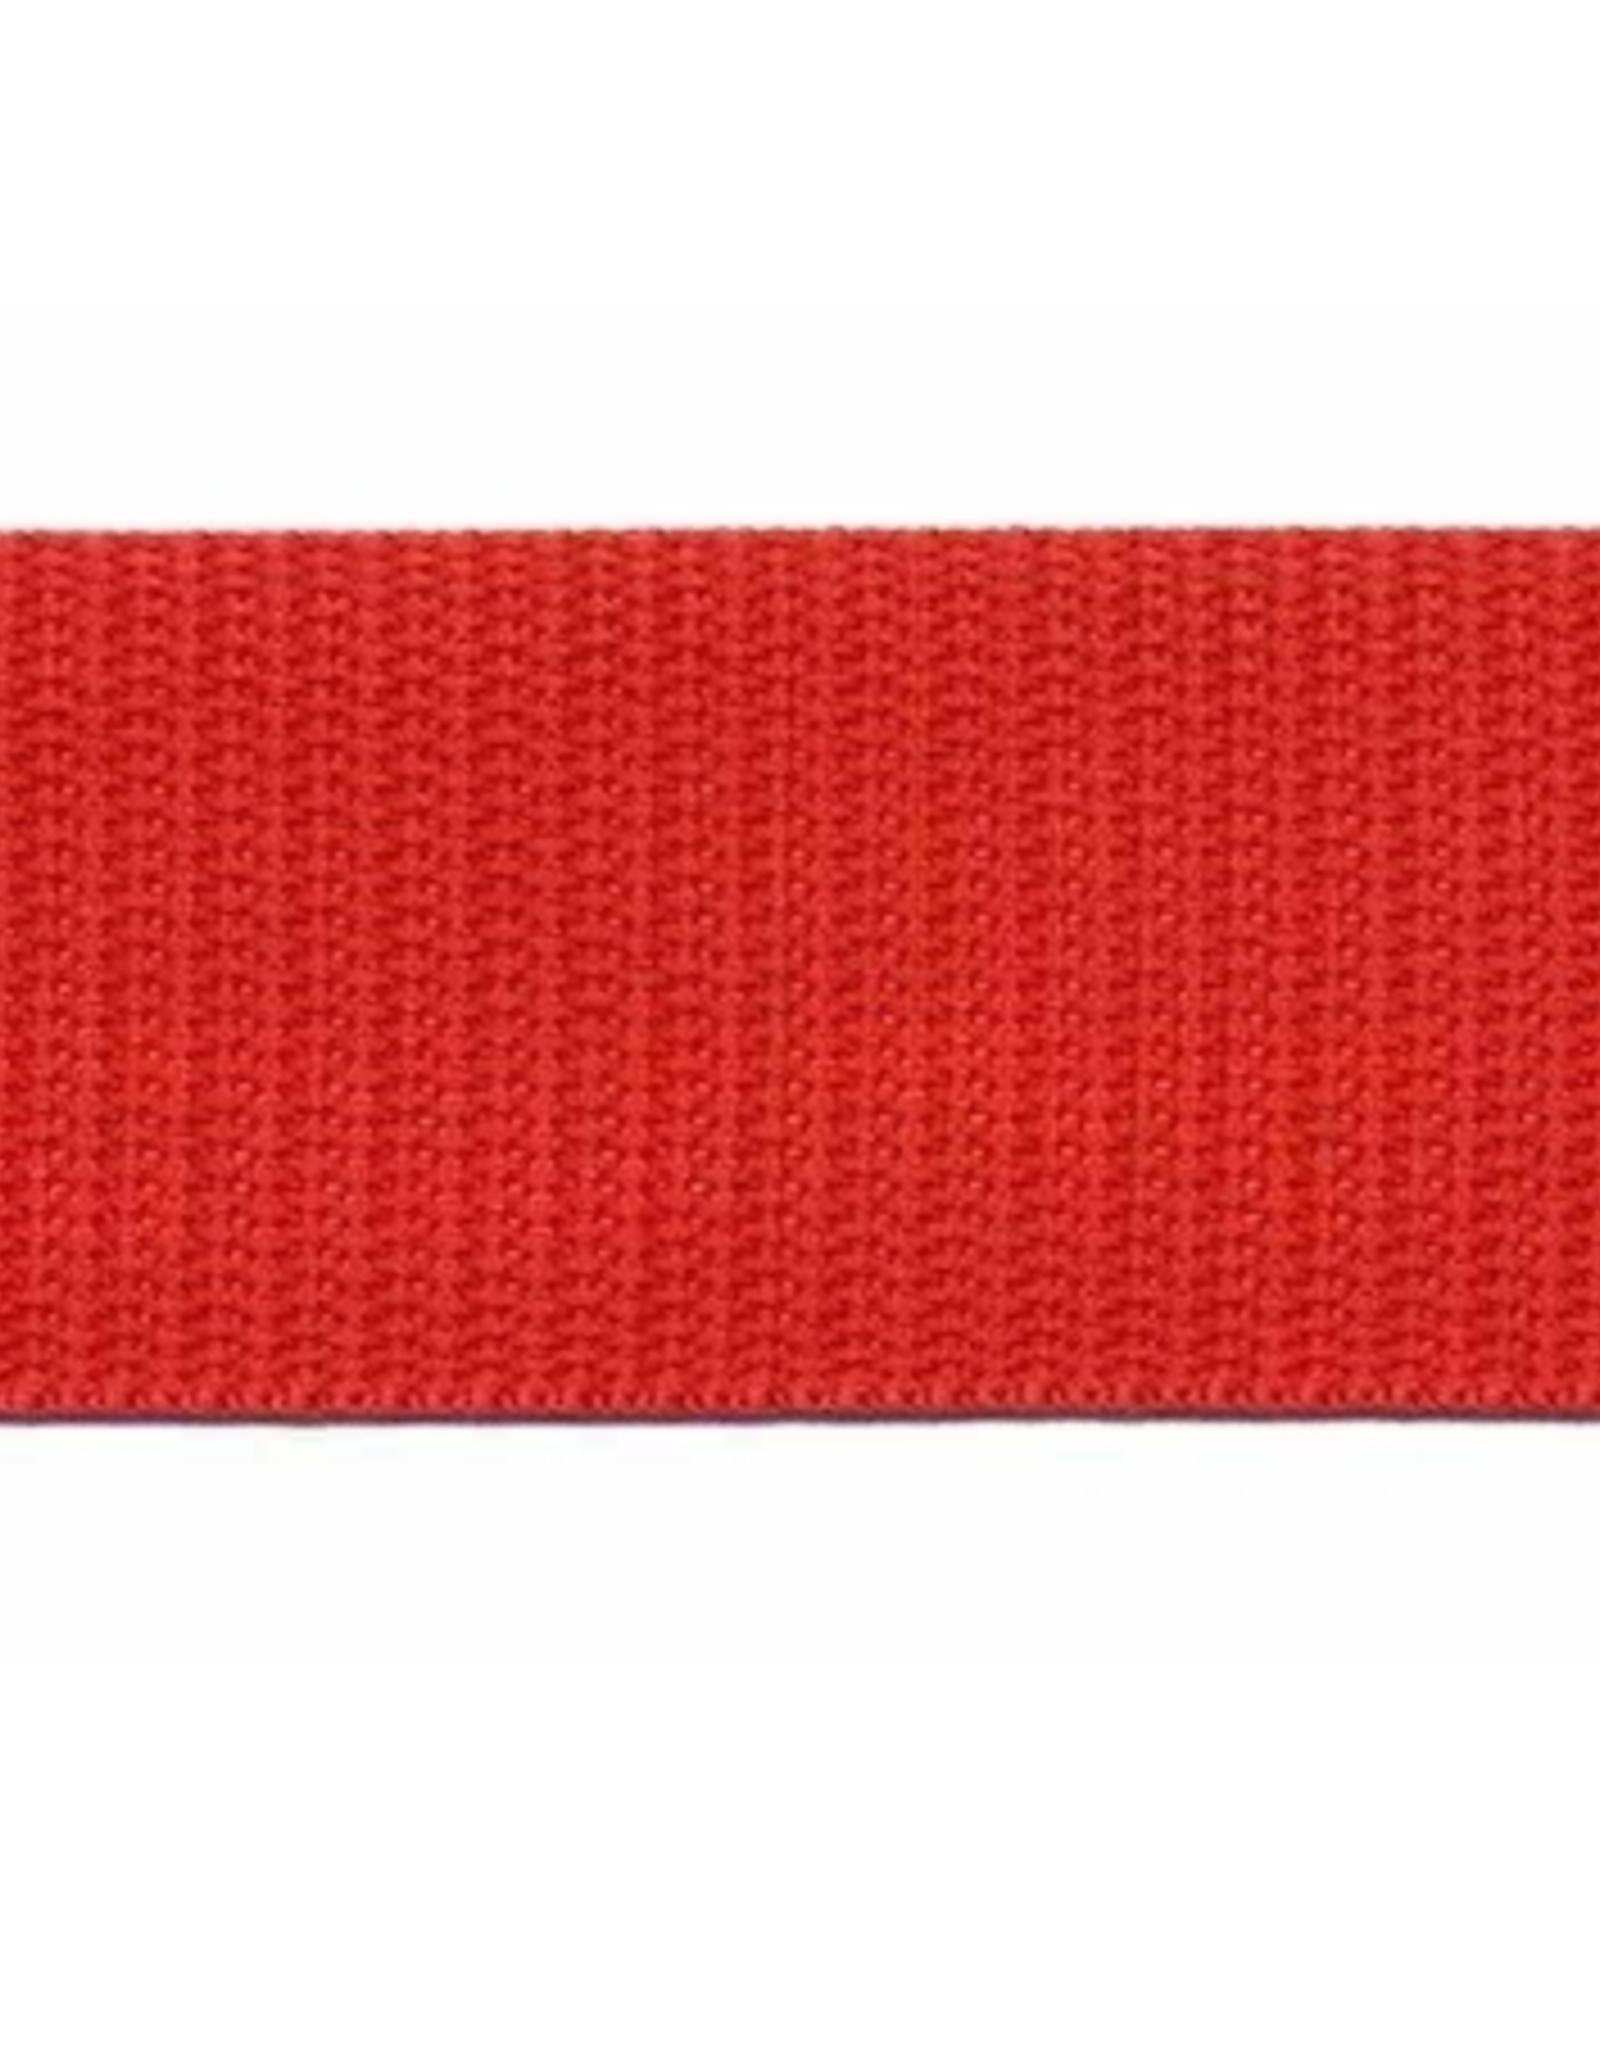 Tassenband Nylon - 30mm - Rood